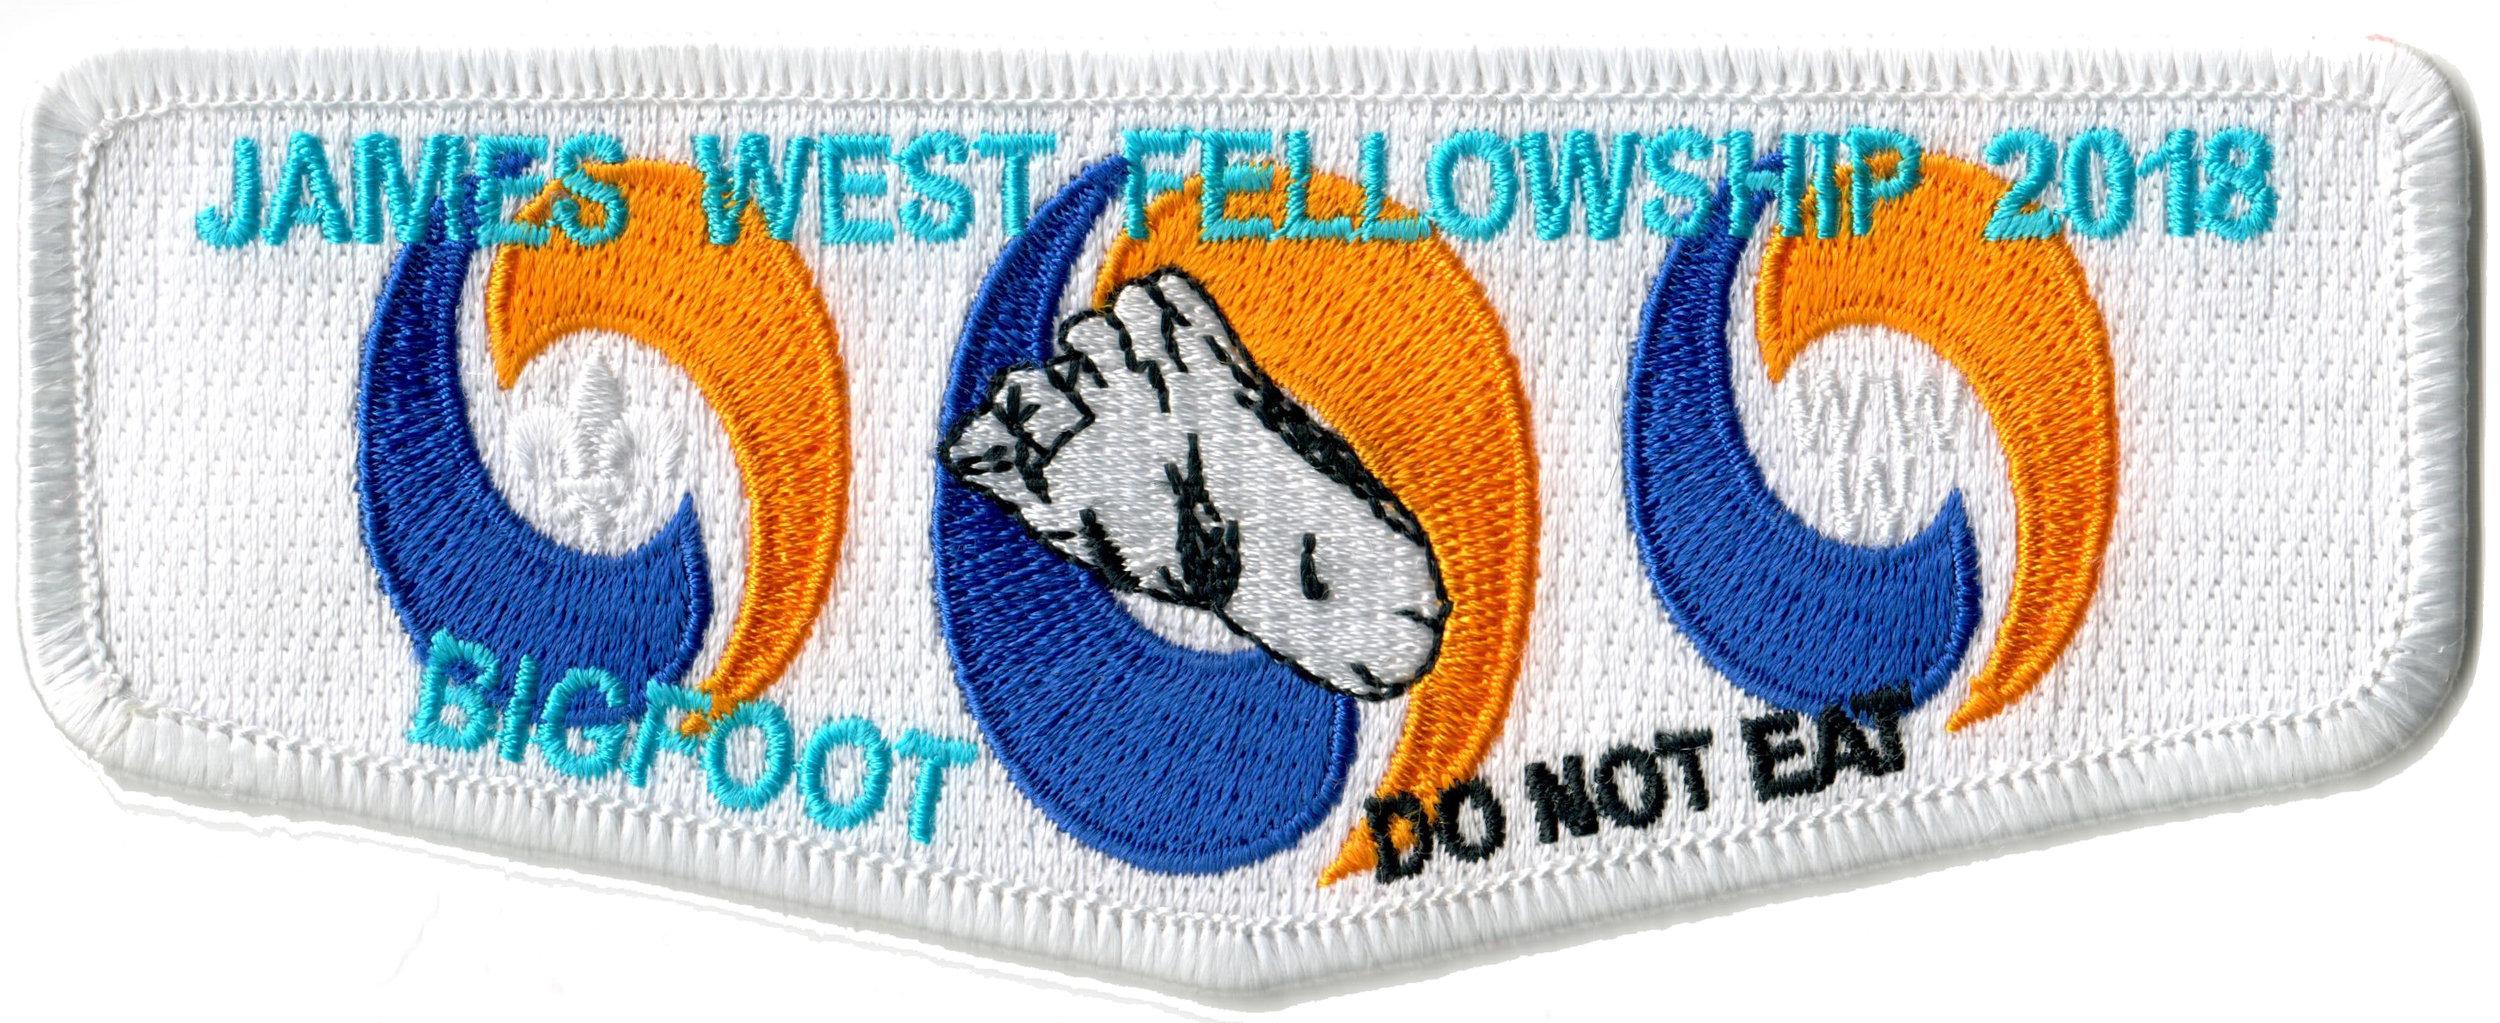 S8 2018 James E. West Fellowship